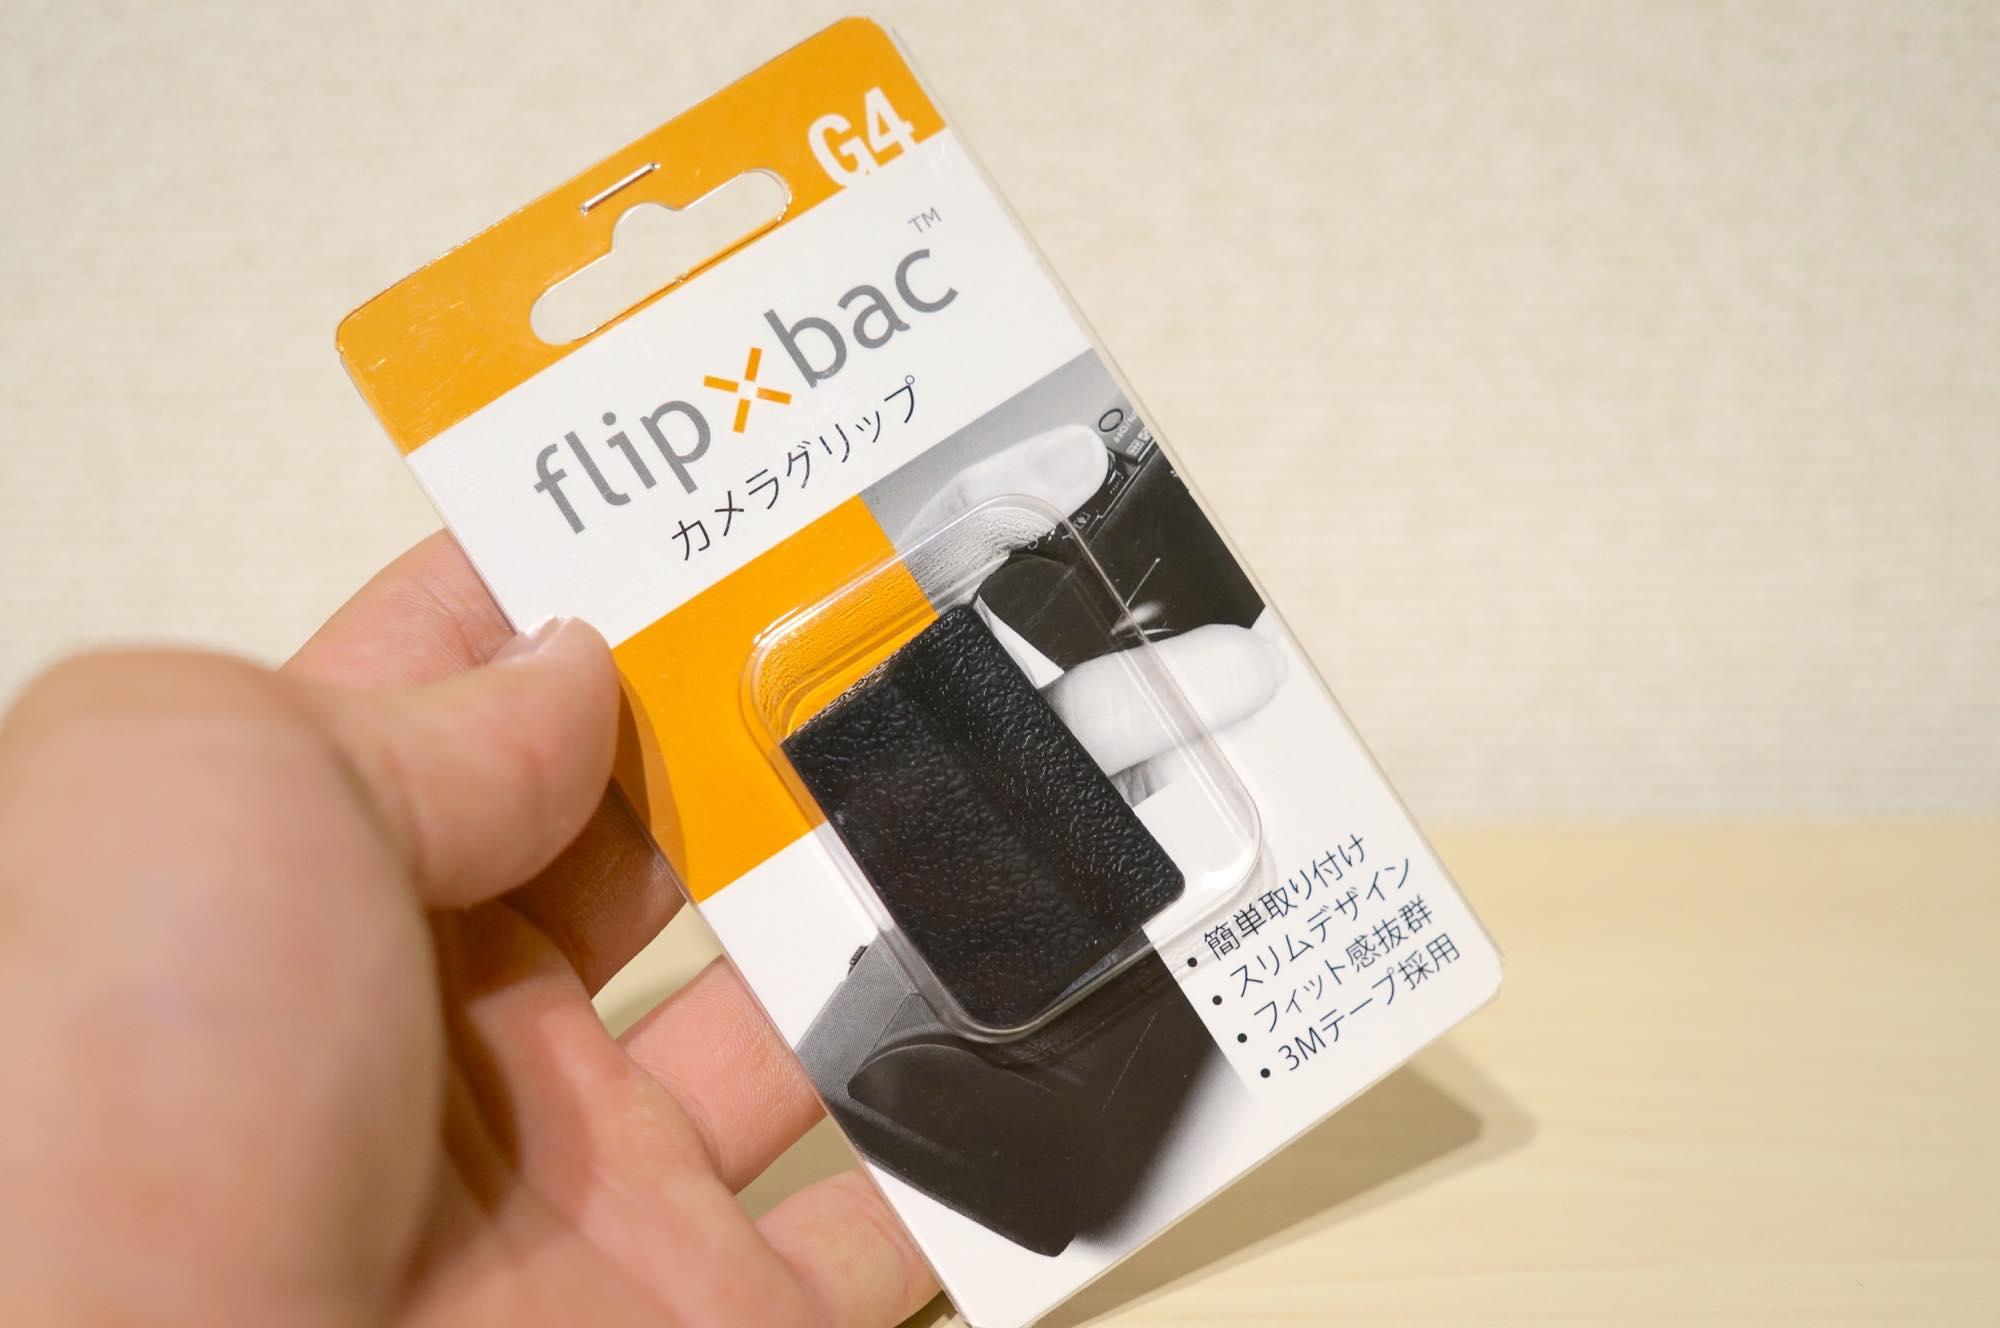 flipbac-cm101